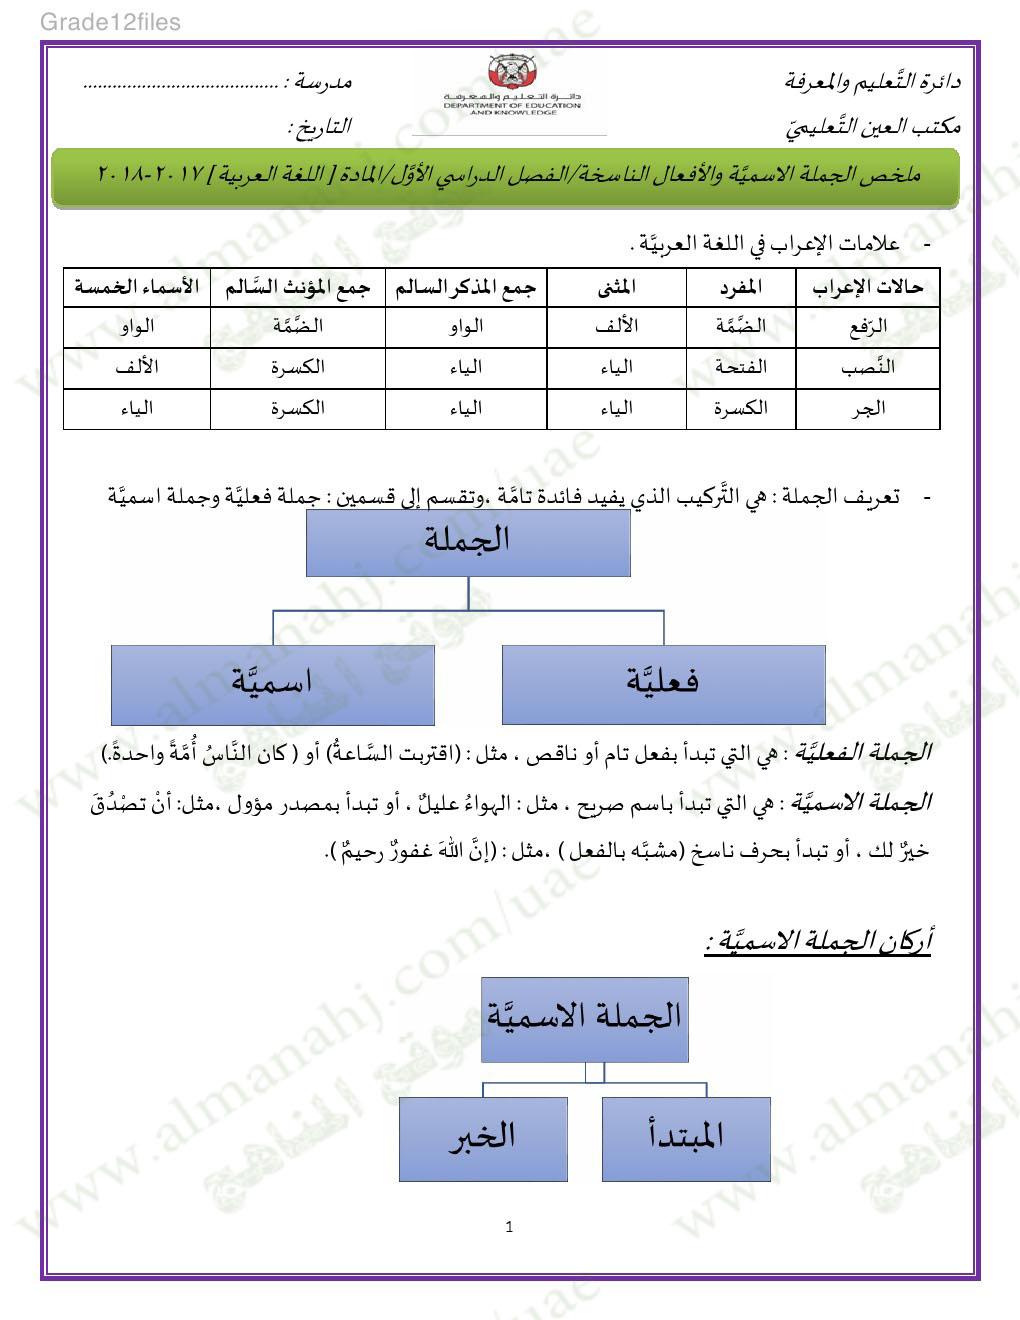 ملخص الجملة الاسمية والأفعال الناسخة الصف الثاني عشر لغة عربية الفصل الأول 2018 2019 المناهج الإماراتية